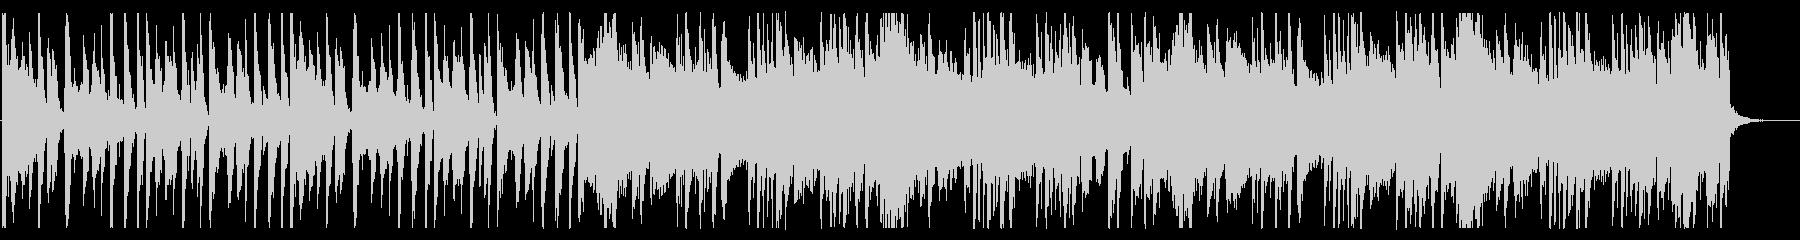 浮遊感が溢れるBGM_No580_3の未再生の波形